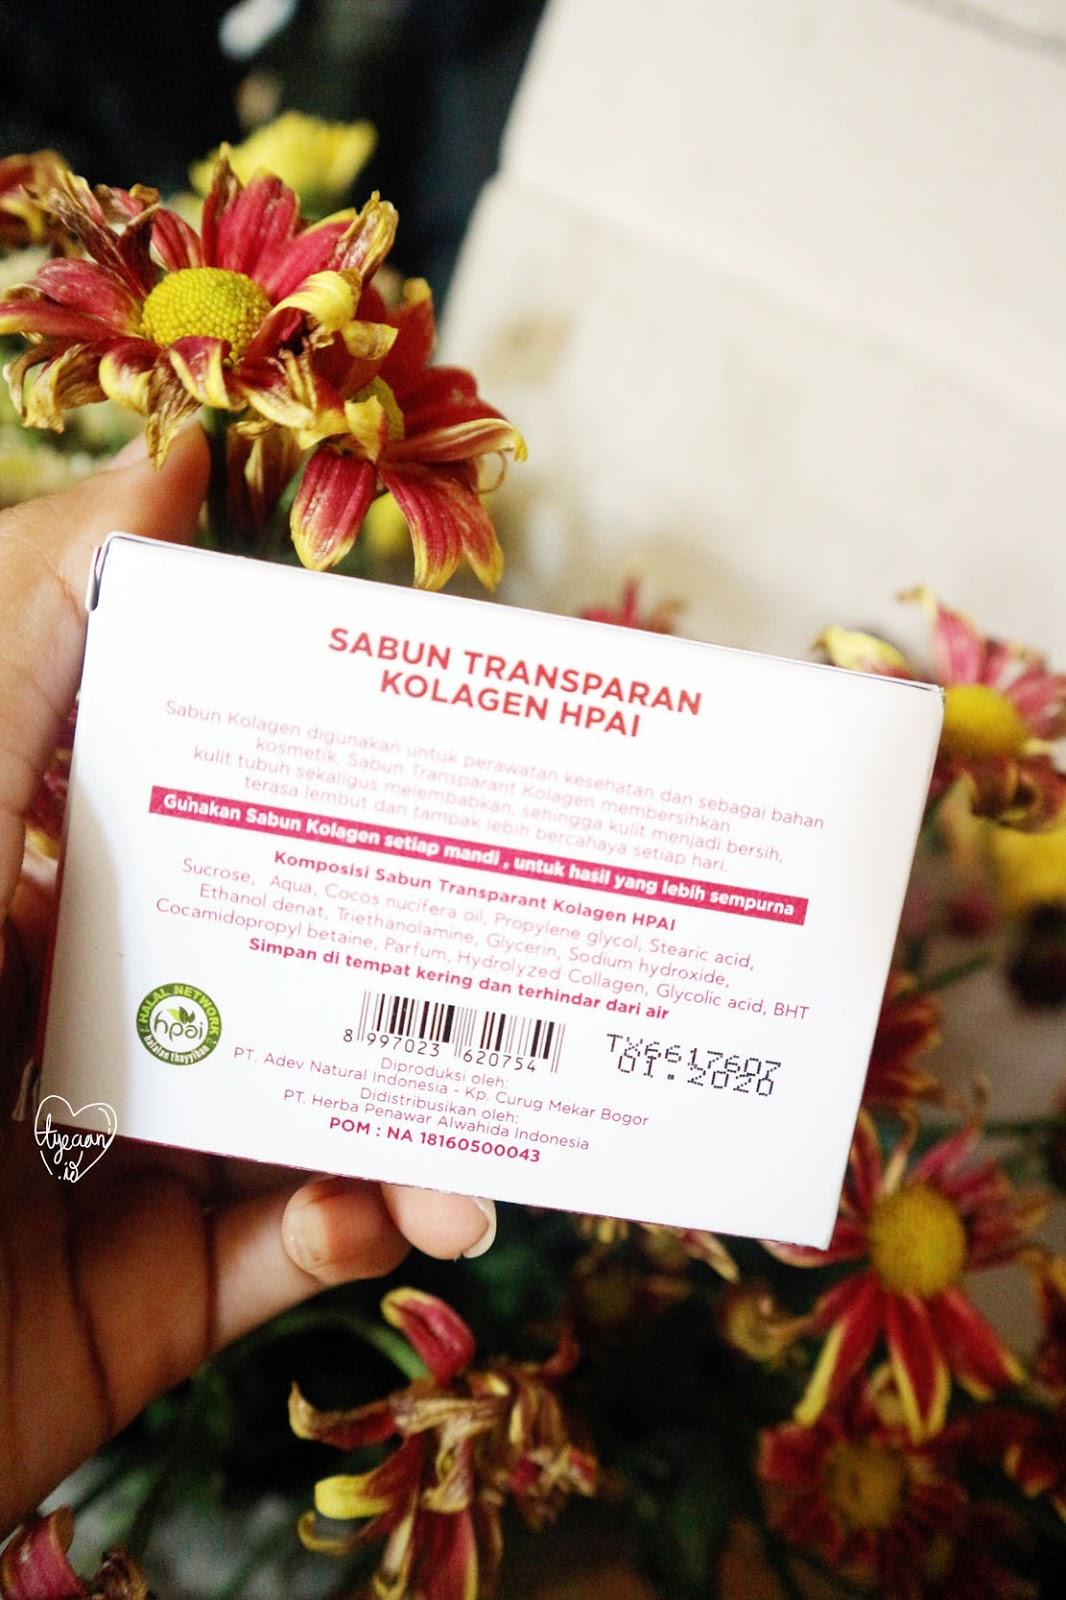 Review Hpai Natural Kolagen Body Soap Tyeaan Produk Herbal Sabun Kologen Ini Bermanfaat Untuk Membersihkan Kulit Tubuh Sekaligus Melembabkan Membuat Kenyal Dan Kencang Secara Tidak Langsung Merawat